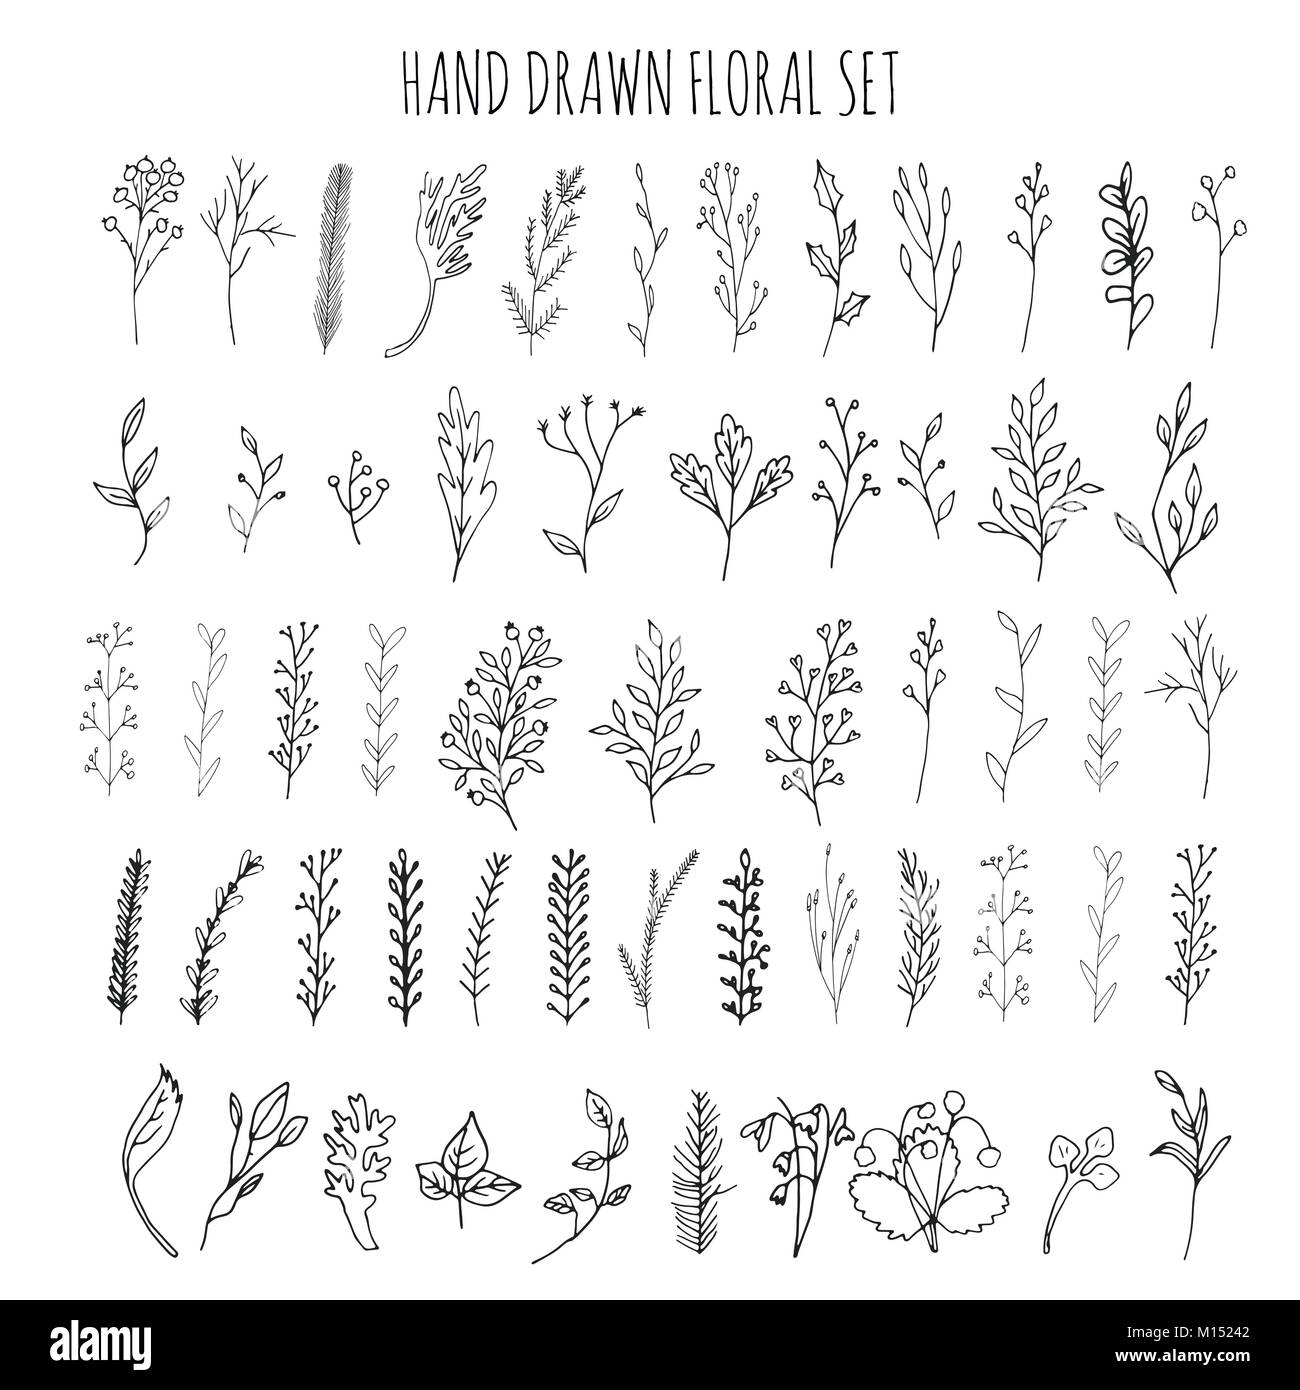 Sammlung Von Hand Gezeichnet Vektor Blüten Und Zweige Mit Blättern, Blüten  Und Beeren. Moderne Skizze Sammlung. Dekorative Elemente Für Design. Tinte,  Vin